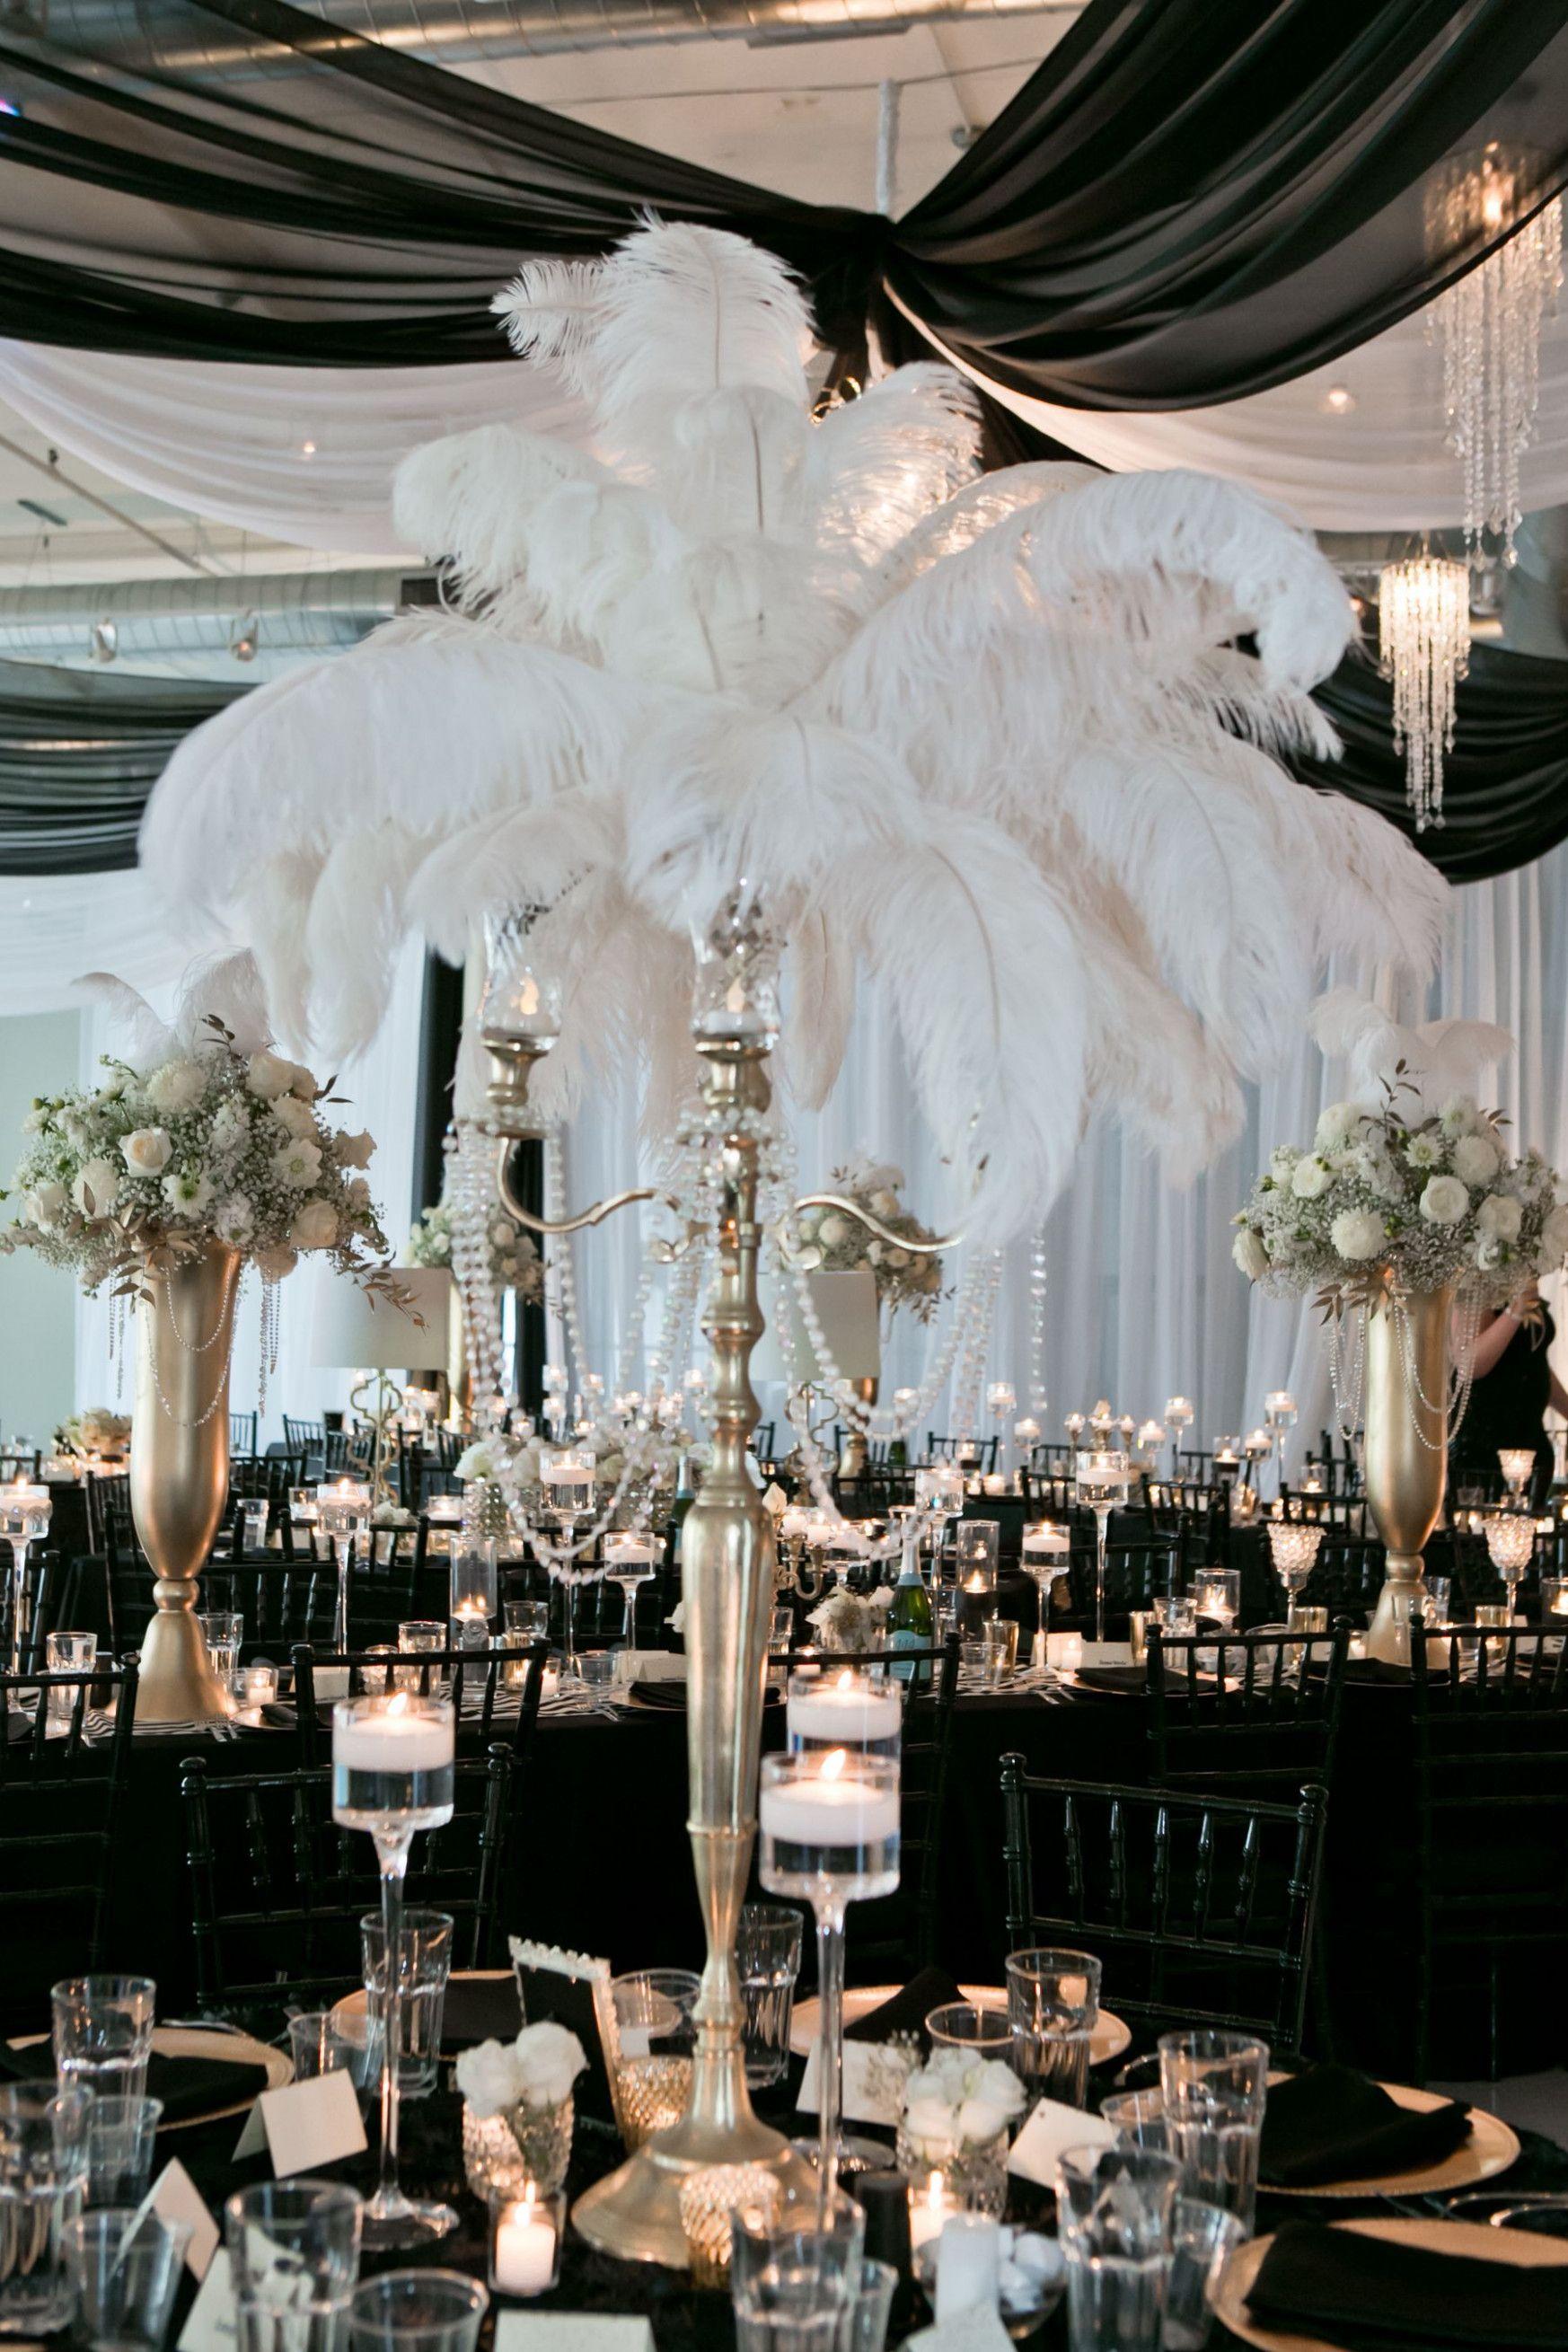 Candelabra Wedding Centerpieces Ostrich Feathers Candelabra Wedding Centerpieces Cheap Wedding Table Centerpieces Candelabra Wedding